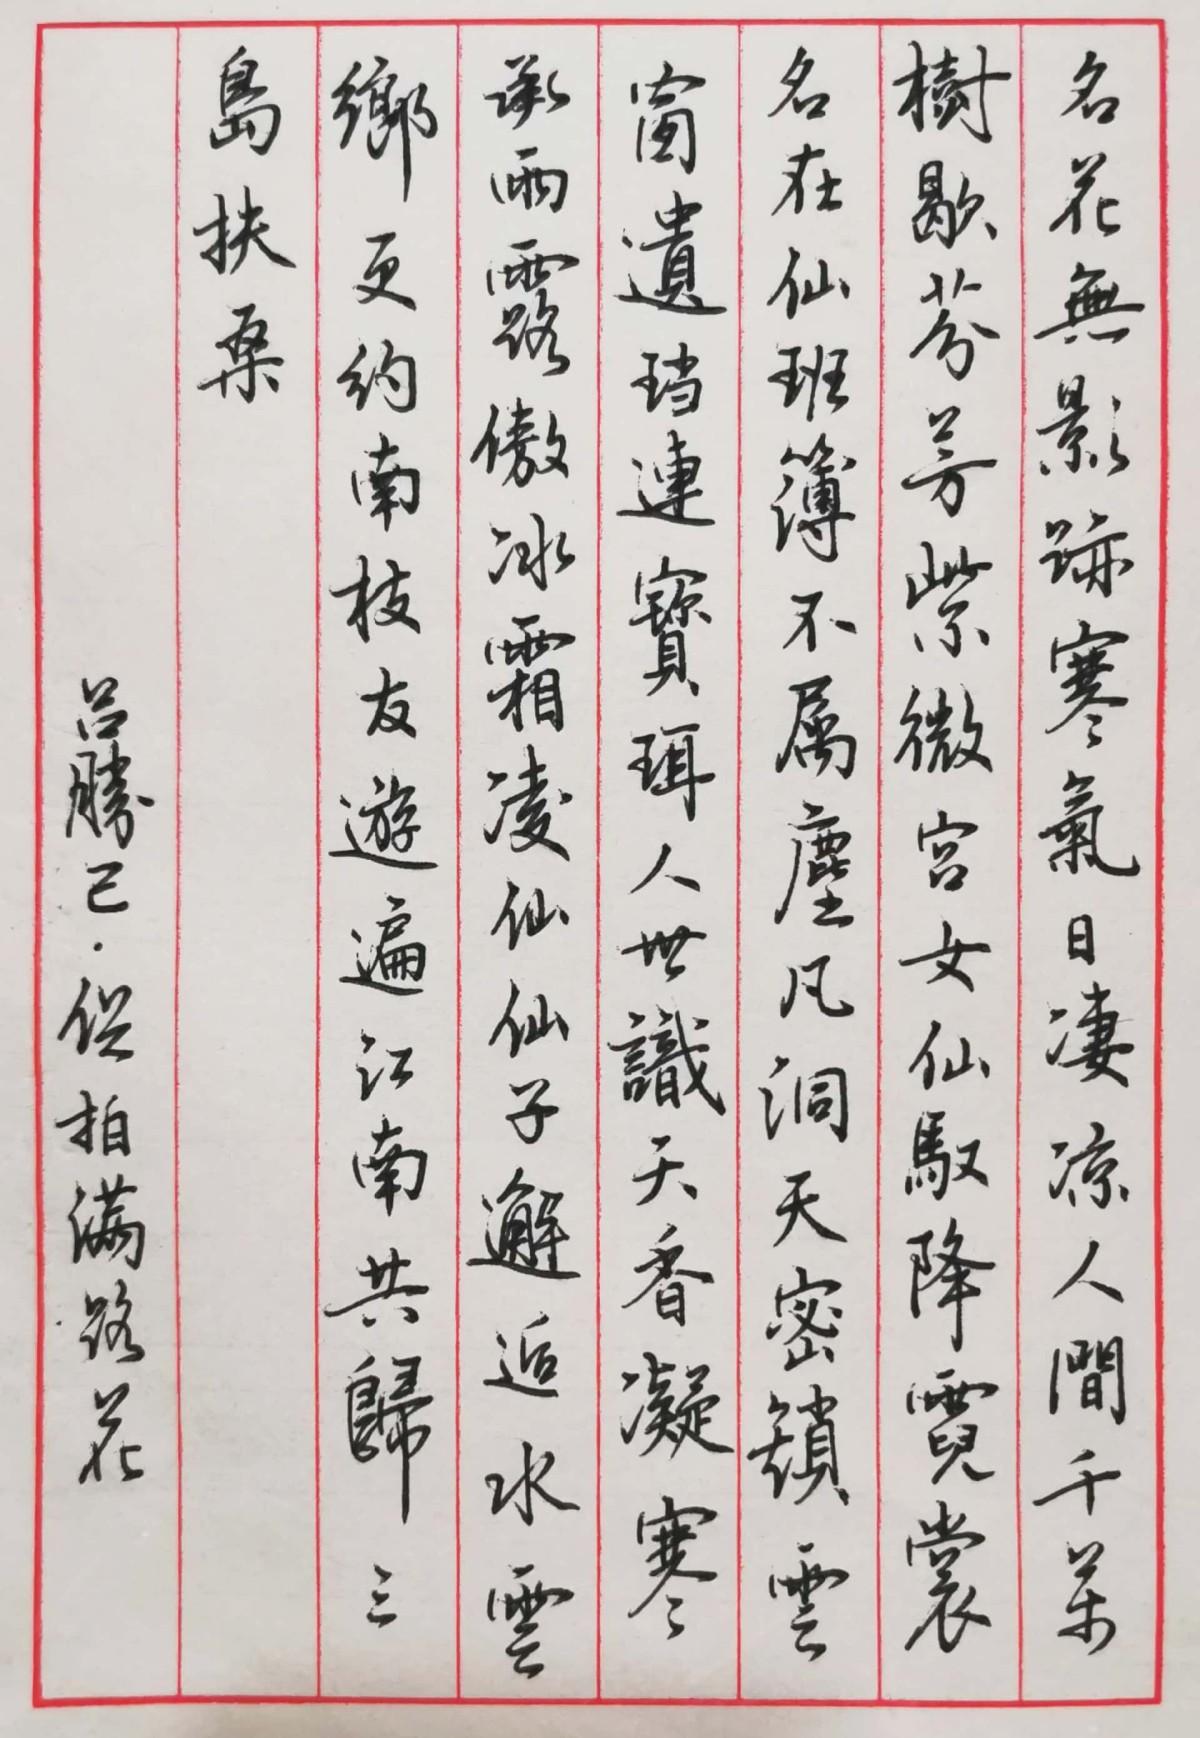 钢笔书法练字打卡20210929-09